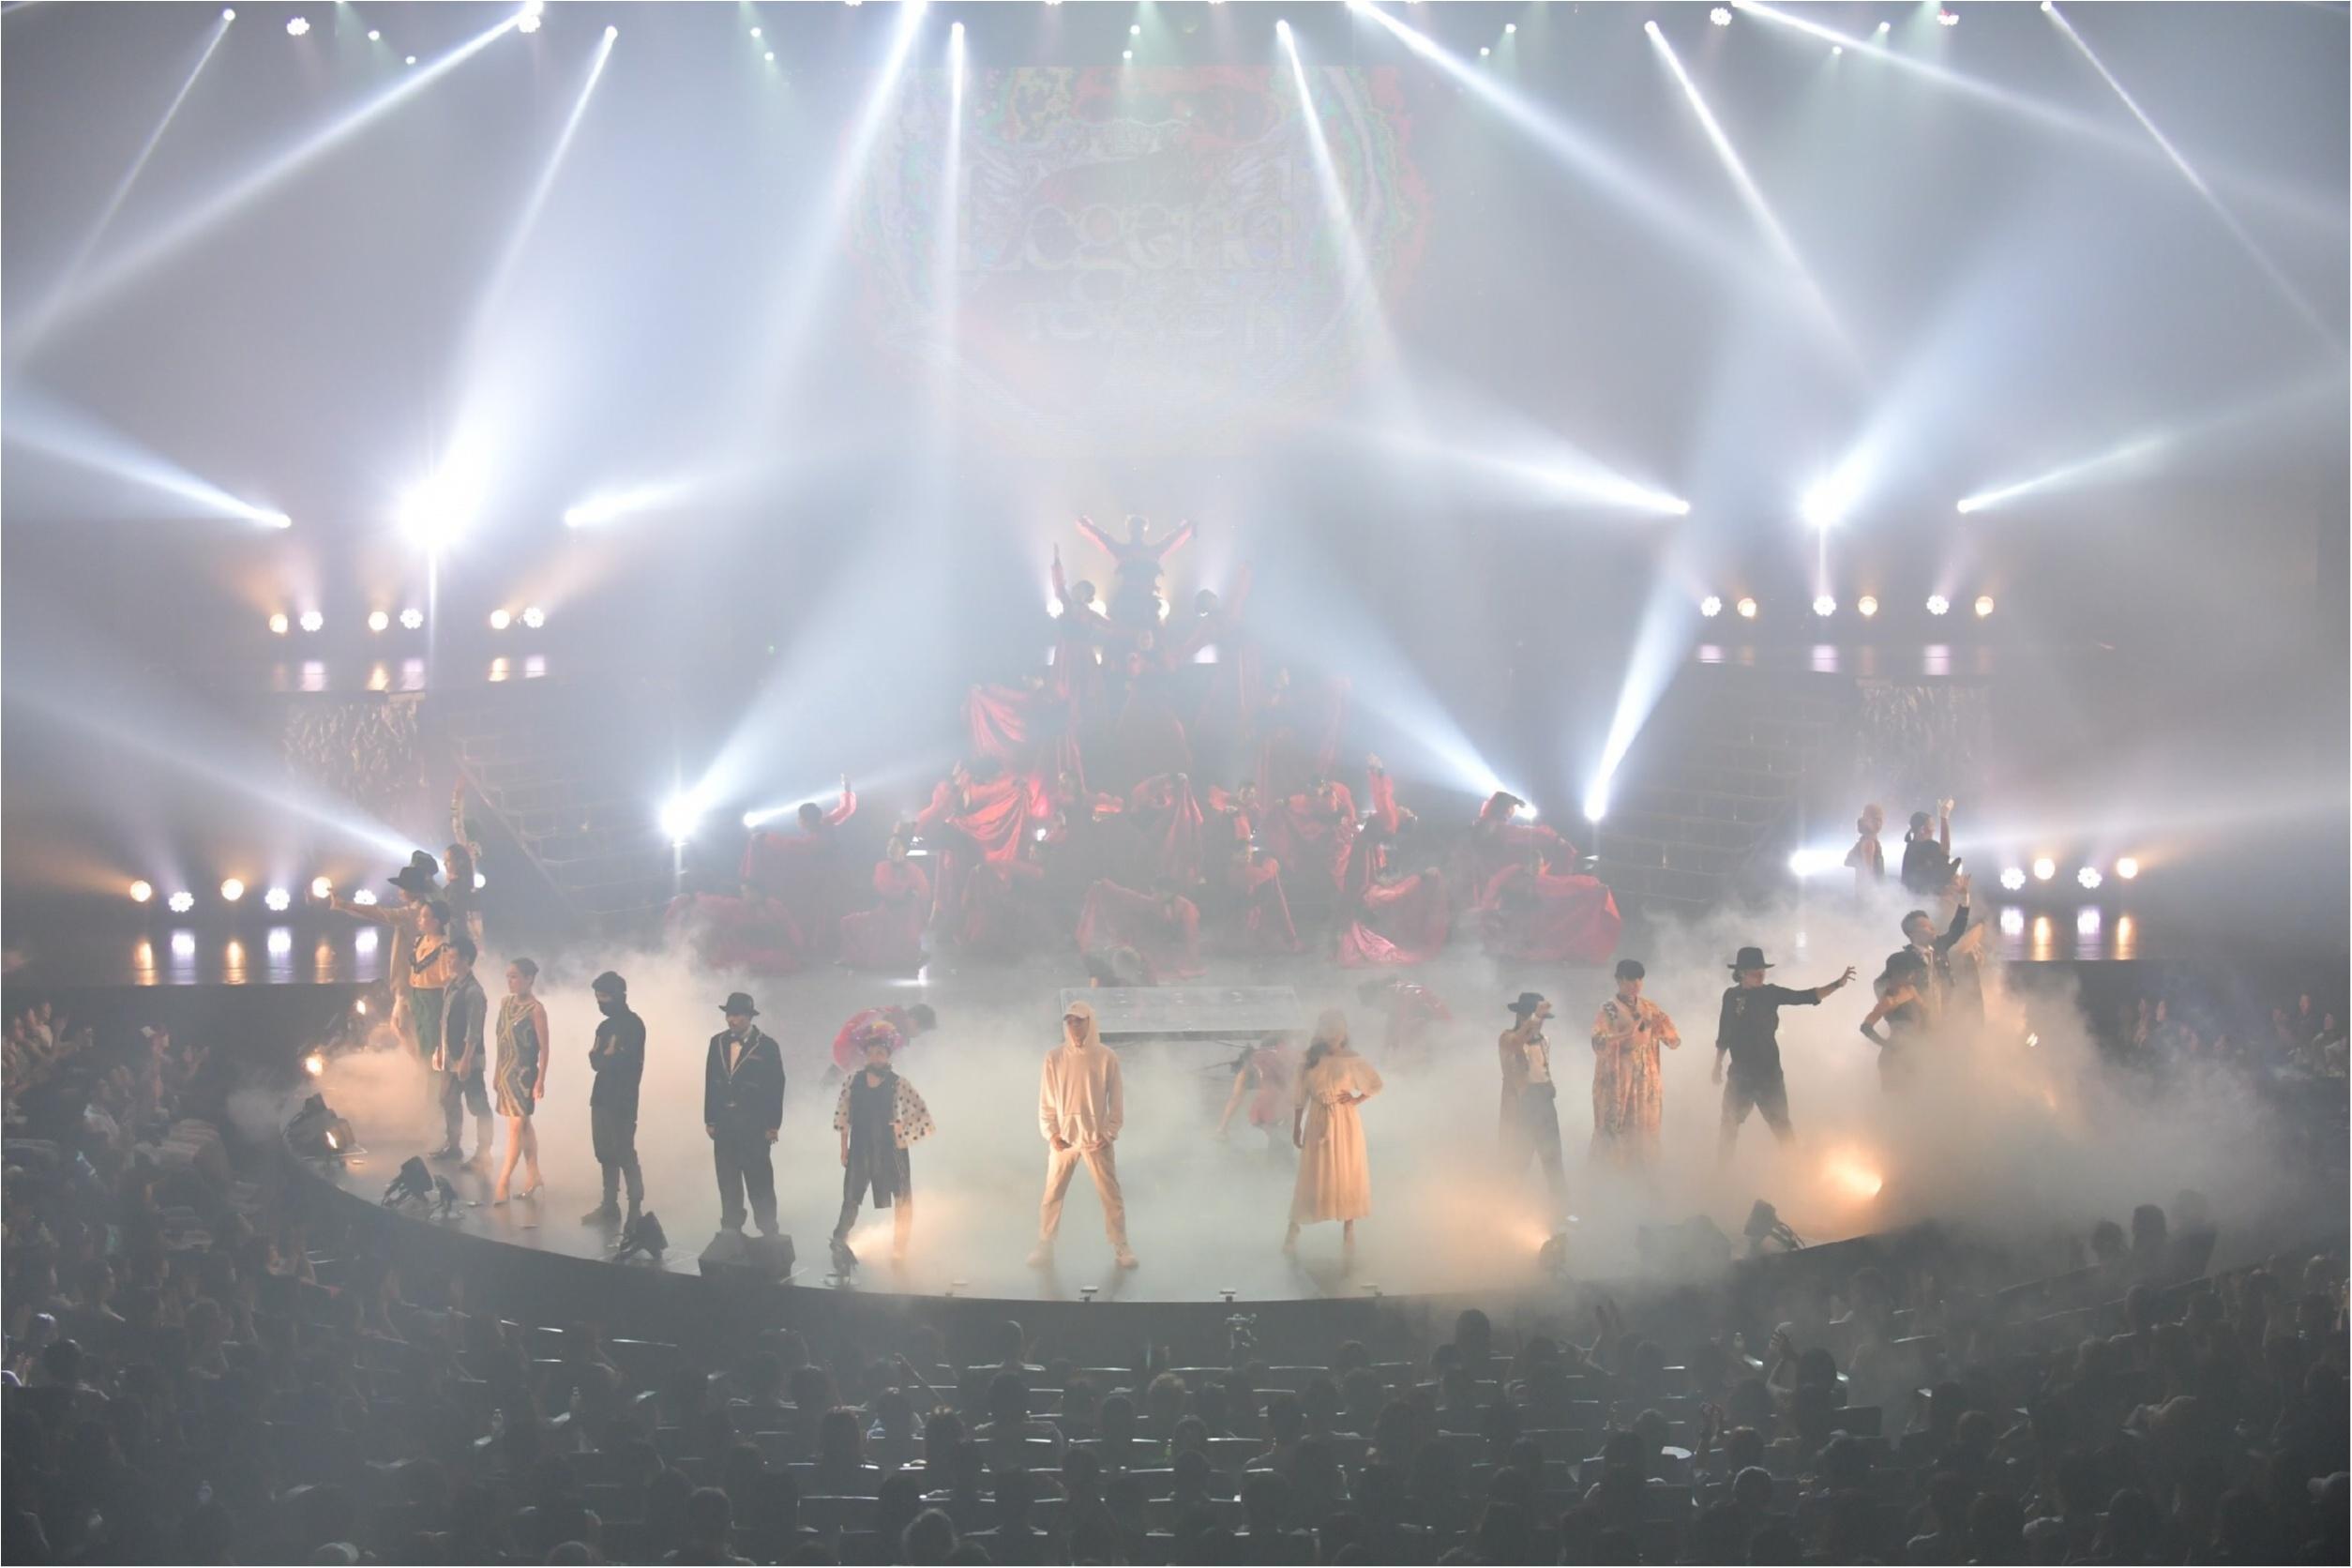 《より多くの人達にダンスを》新次元ダンスコンテスト【Legend Tokyo】が進化を続ける理由とは。_2